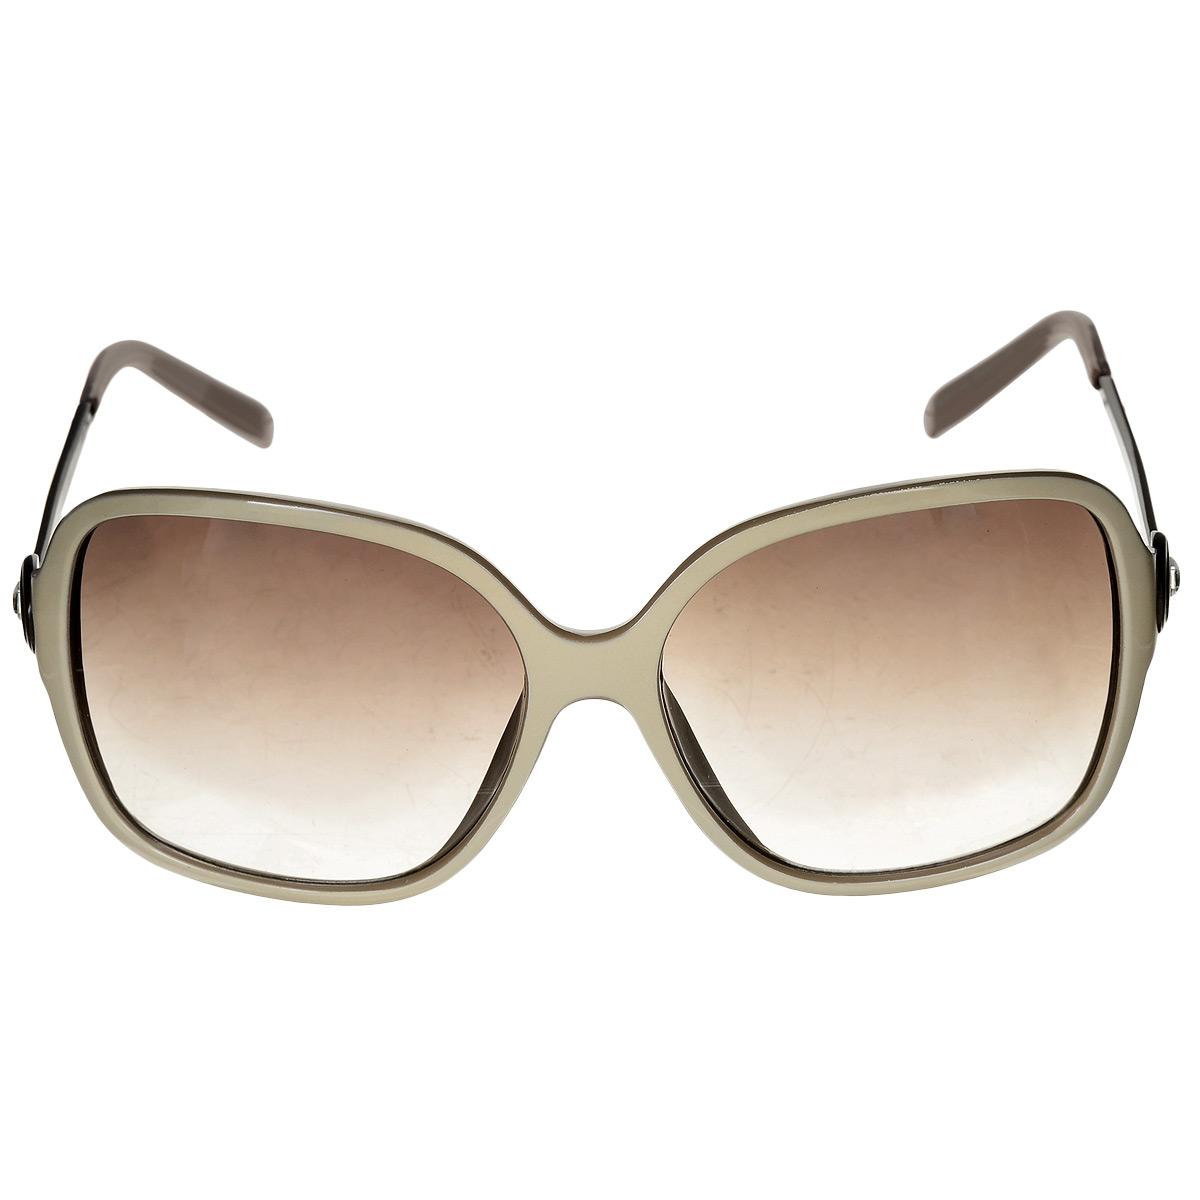 Солнцезащитные очки женские Selena, цвет: бежевый. 8002415180024151Солнцезащитные женские очки Selena, выполненные с линзами из высококачественного пластика PC с зеркальным эффектом fresh mirror, оправа оформлена стразами. Используемый пластик не искажает изображение, не подвержен нагреванию и вредному воздействию солнечных лучей. Линзы данных очков с высокоэффективным UV-фильтром обеспечивают полную защиту от ультрафиолетовых лучей. Металлическая оправа очков легкая, прилегающей формы и поэтому не создает никакого дискомфорта. Такие очки защитят глаза от ультрафиолетовых лучей, подчеркнут вашу индивидуальность и сделают ваш образ завершенным.